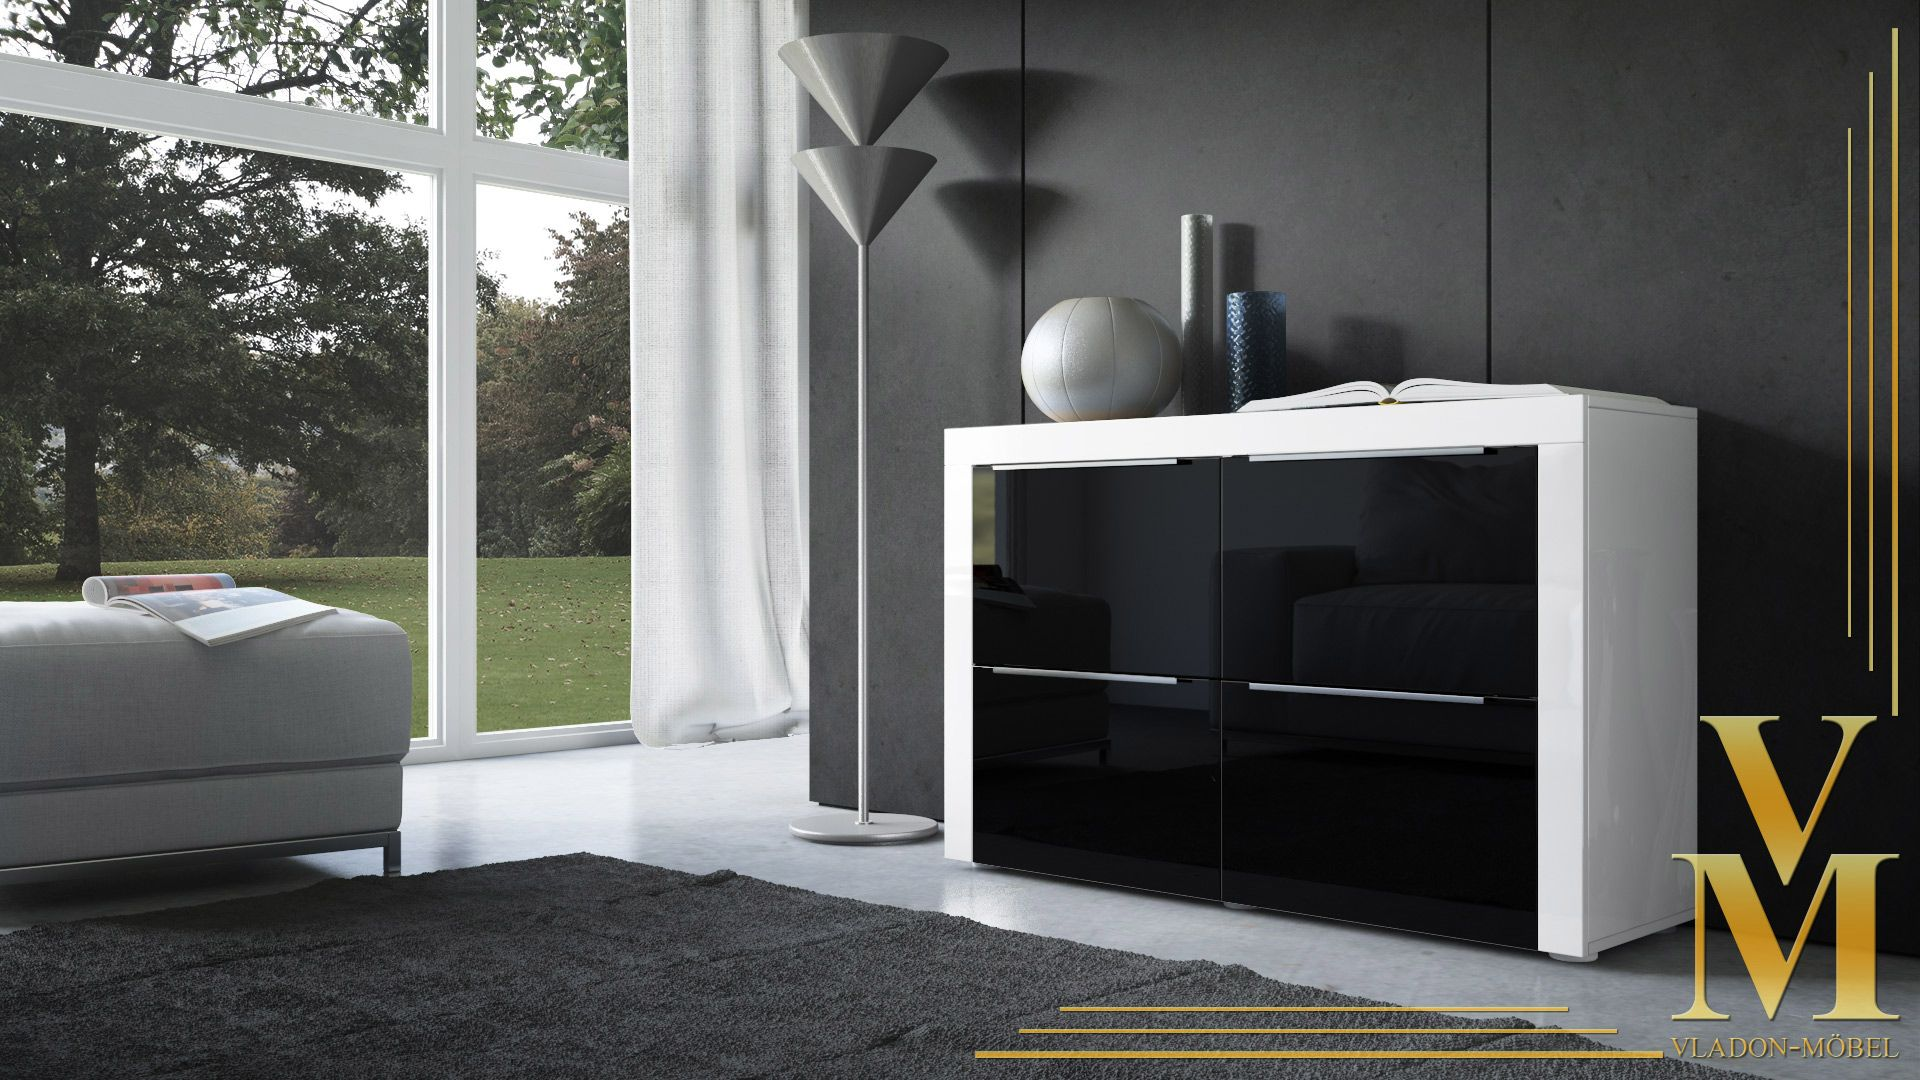 Kommode schwarz weiß  Nett sideboard weiß schwarz hochglanz | Deutsche Deko | Pinterest ...